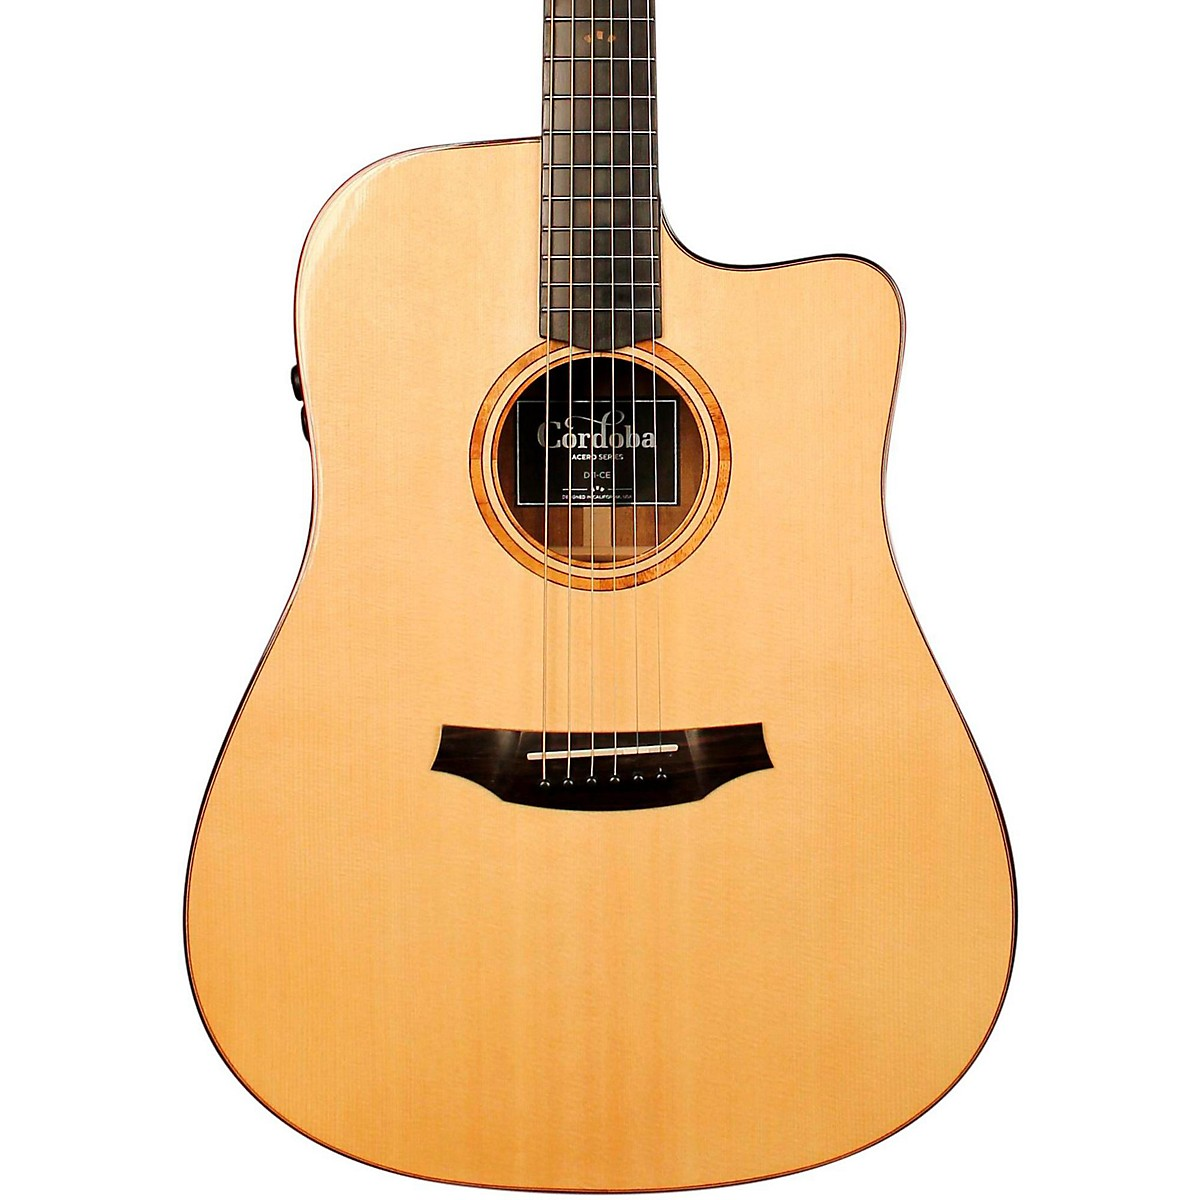 Cordoba Acero D11-CE Acoustic-Electric Guitar